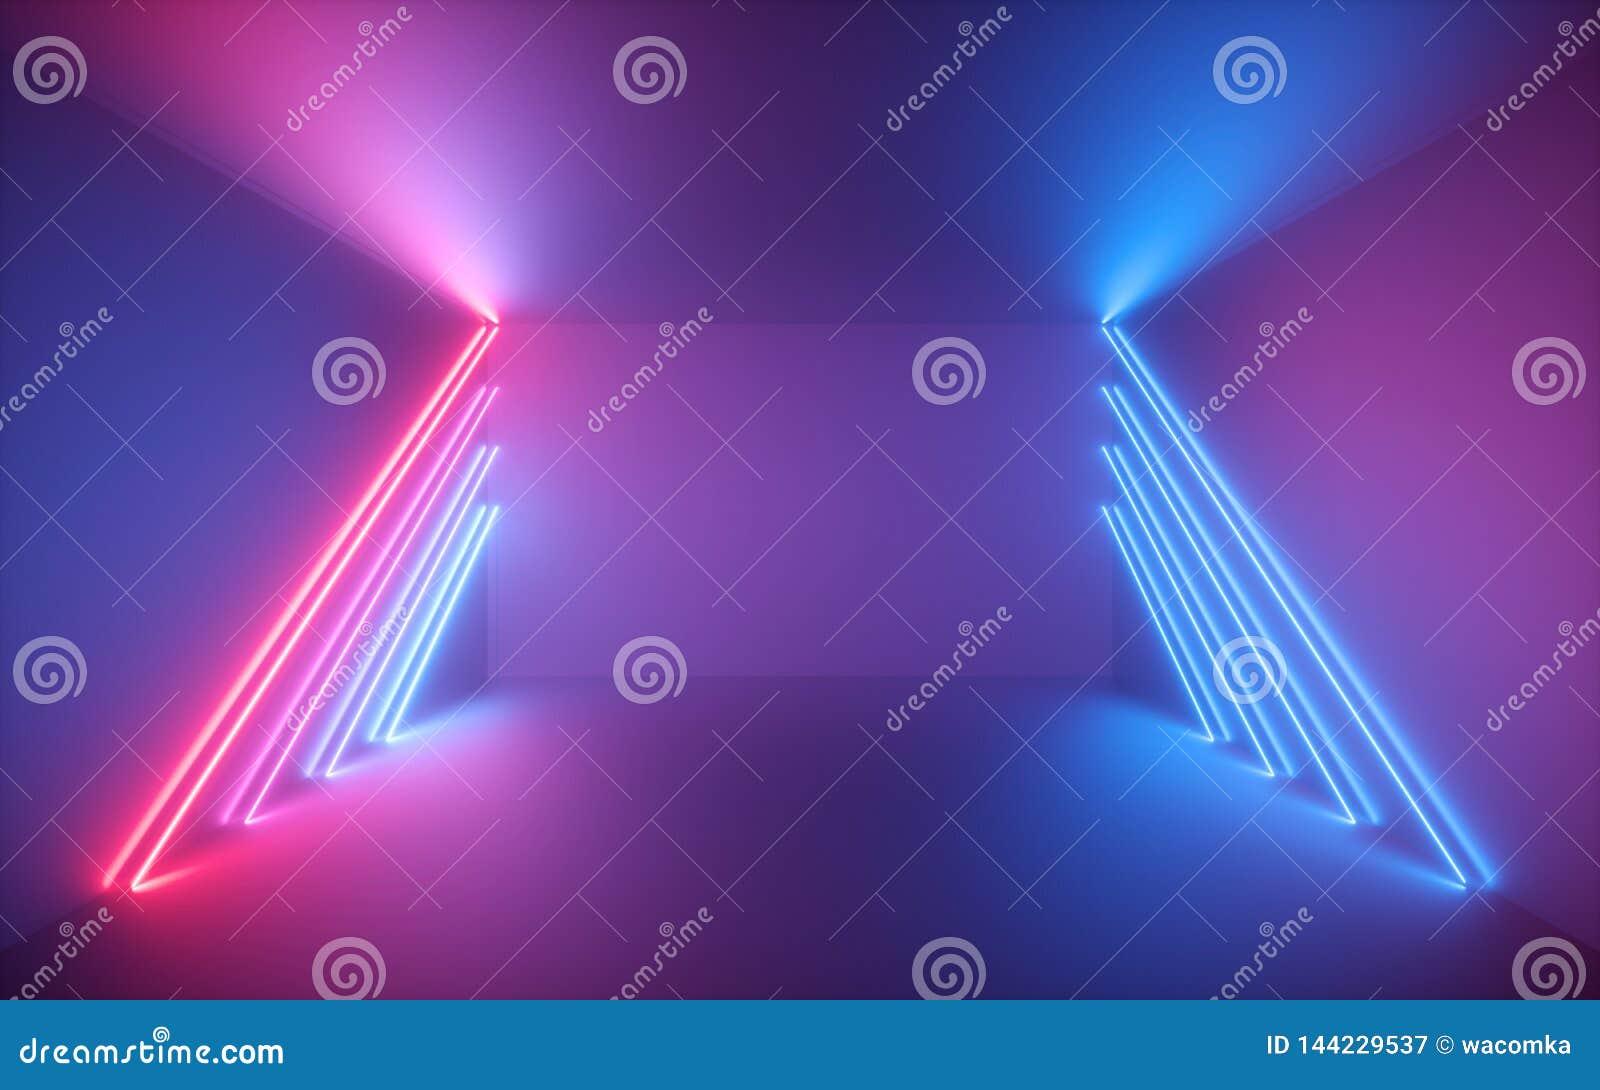 τρισδιάστατος δώστε, οδοντώστε τις μπλε γραμμές νέου, φωτισμένο κενό δωμάτιο, εικονικό διάστημα, υπεριώδες φως, αναδρομικό ύφος τ